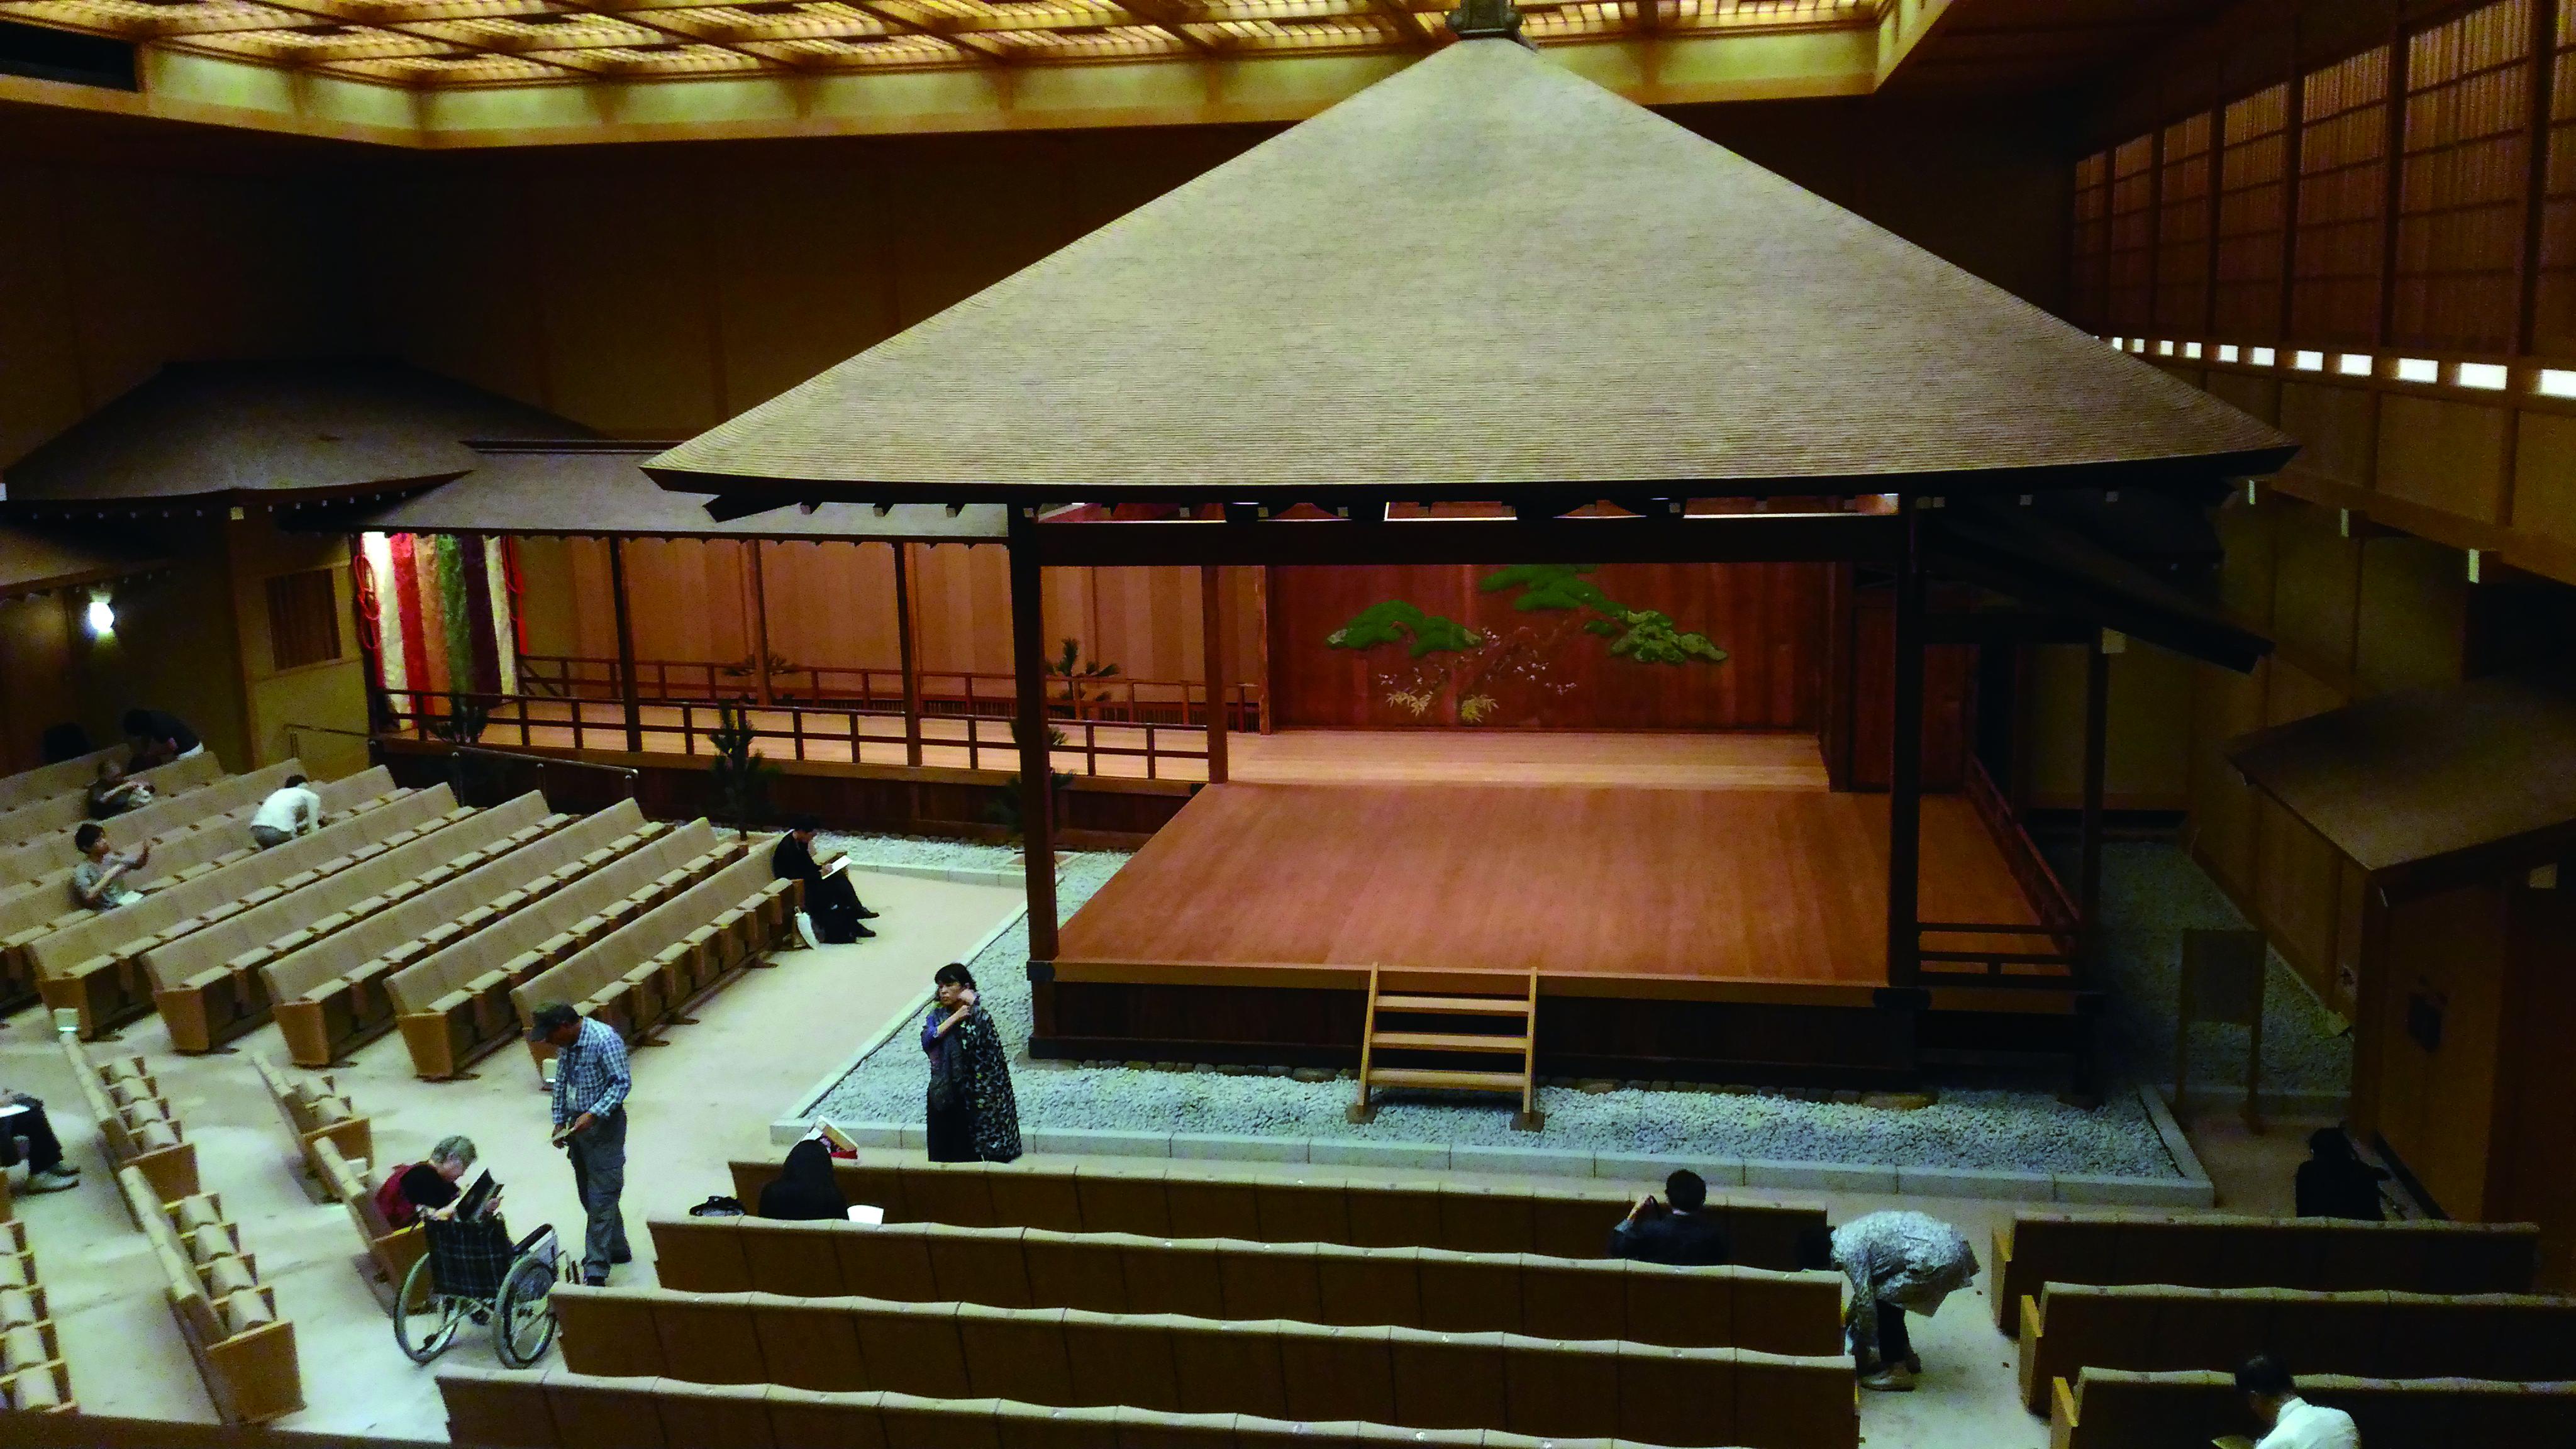 橫濱能樂堂之傳統舞臺結構對於習慣使用字幕設備輔助觀眾的國光劇團來說是極大考驗。.jpg